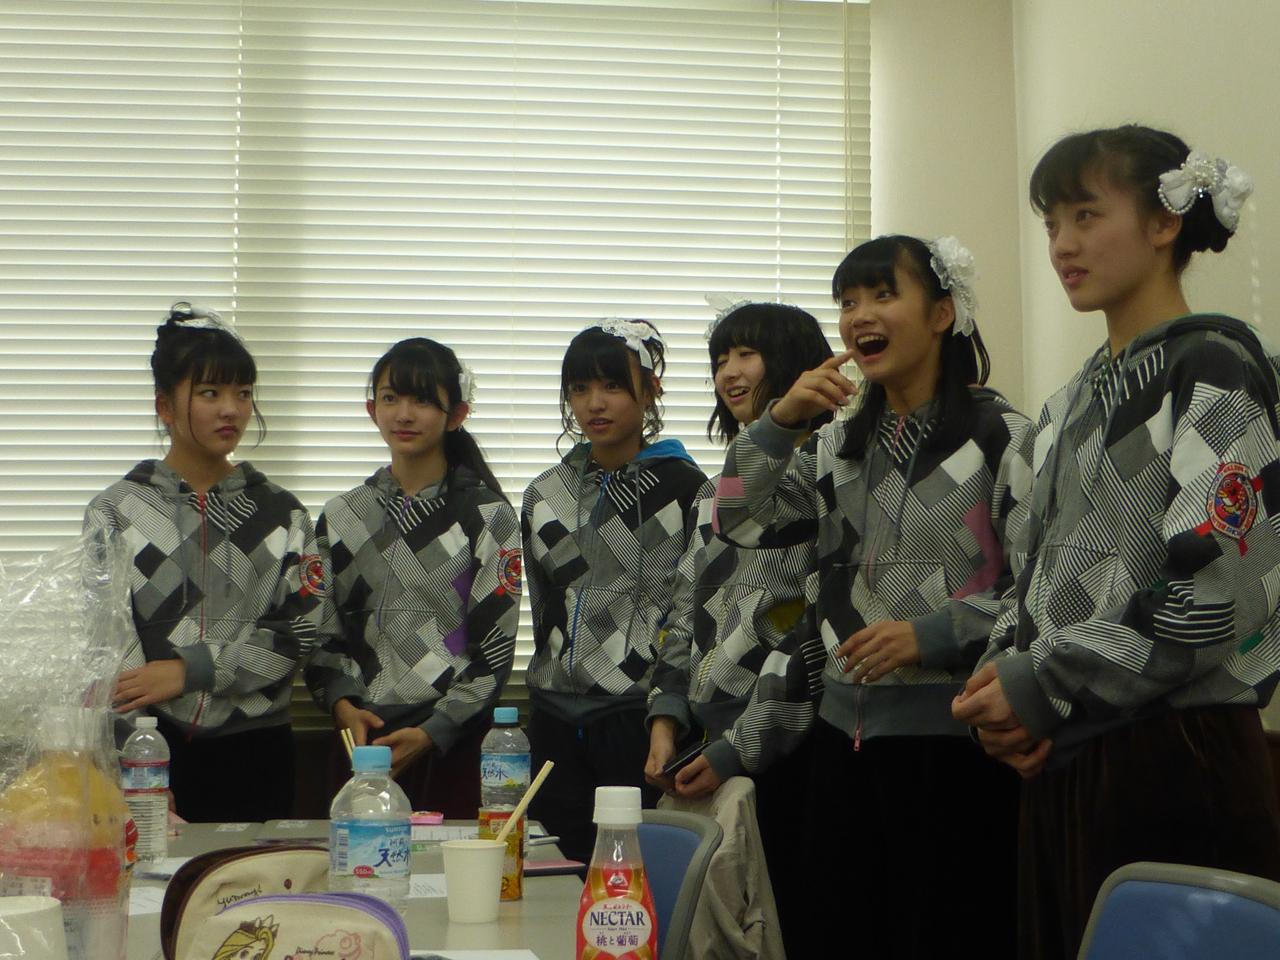 4thシングル「MEGRRY GO ROUND」リリースイベント初日。(ばってん少女隊)